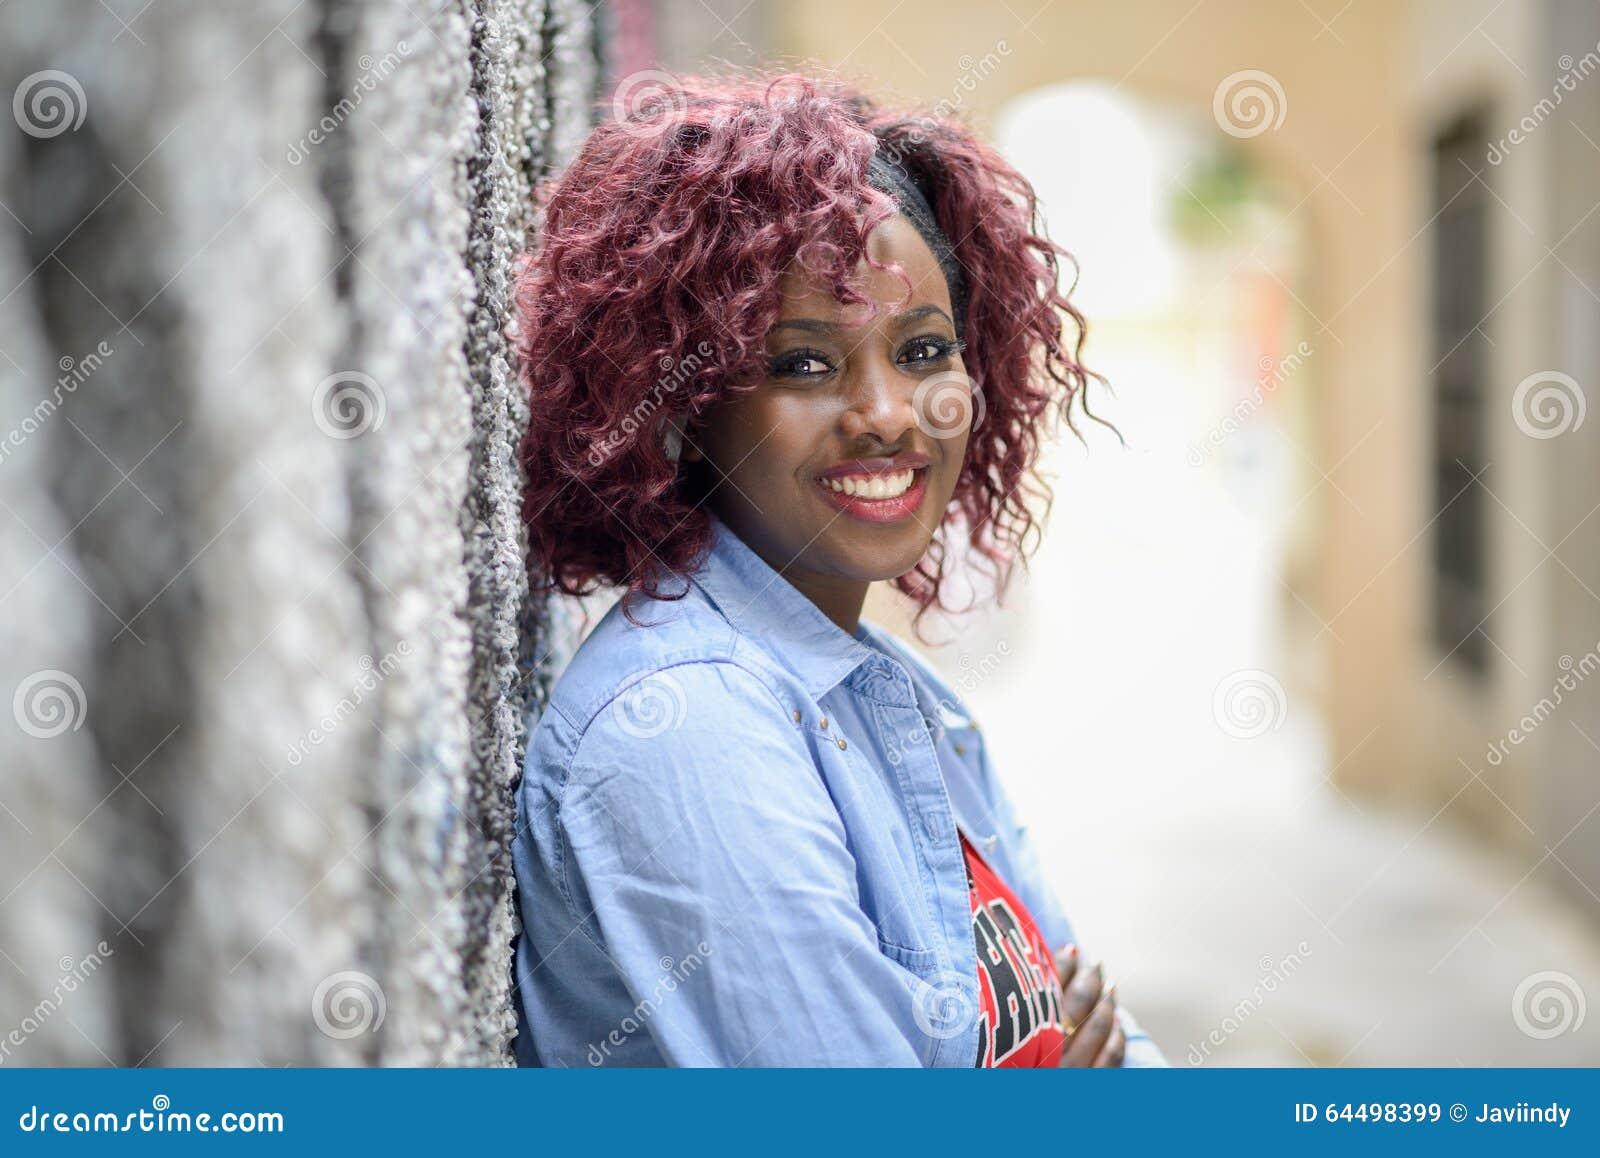 Mooi zwarte op stedelijke achtergrond met rood haar